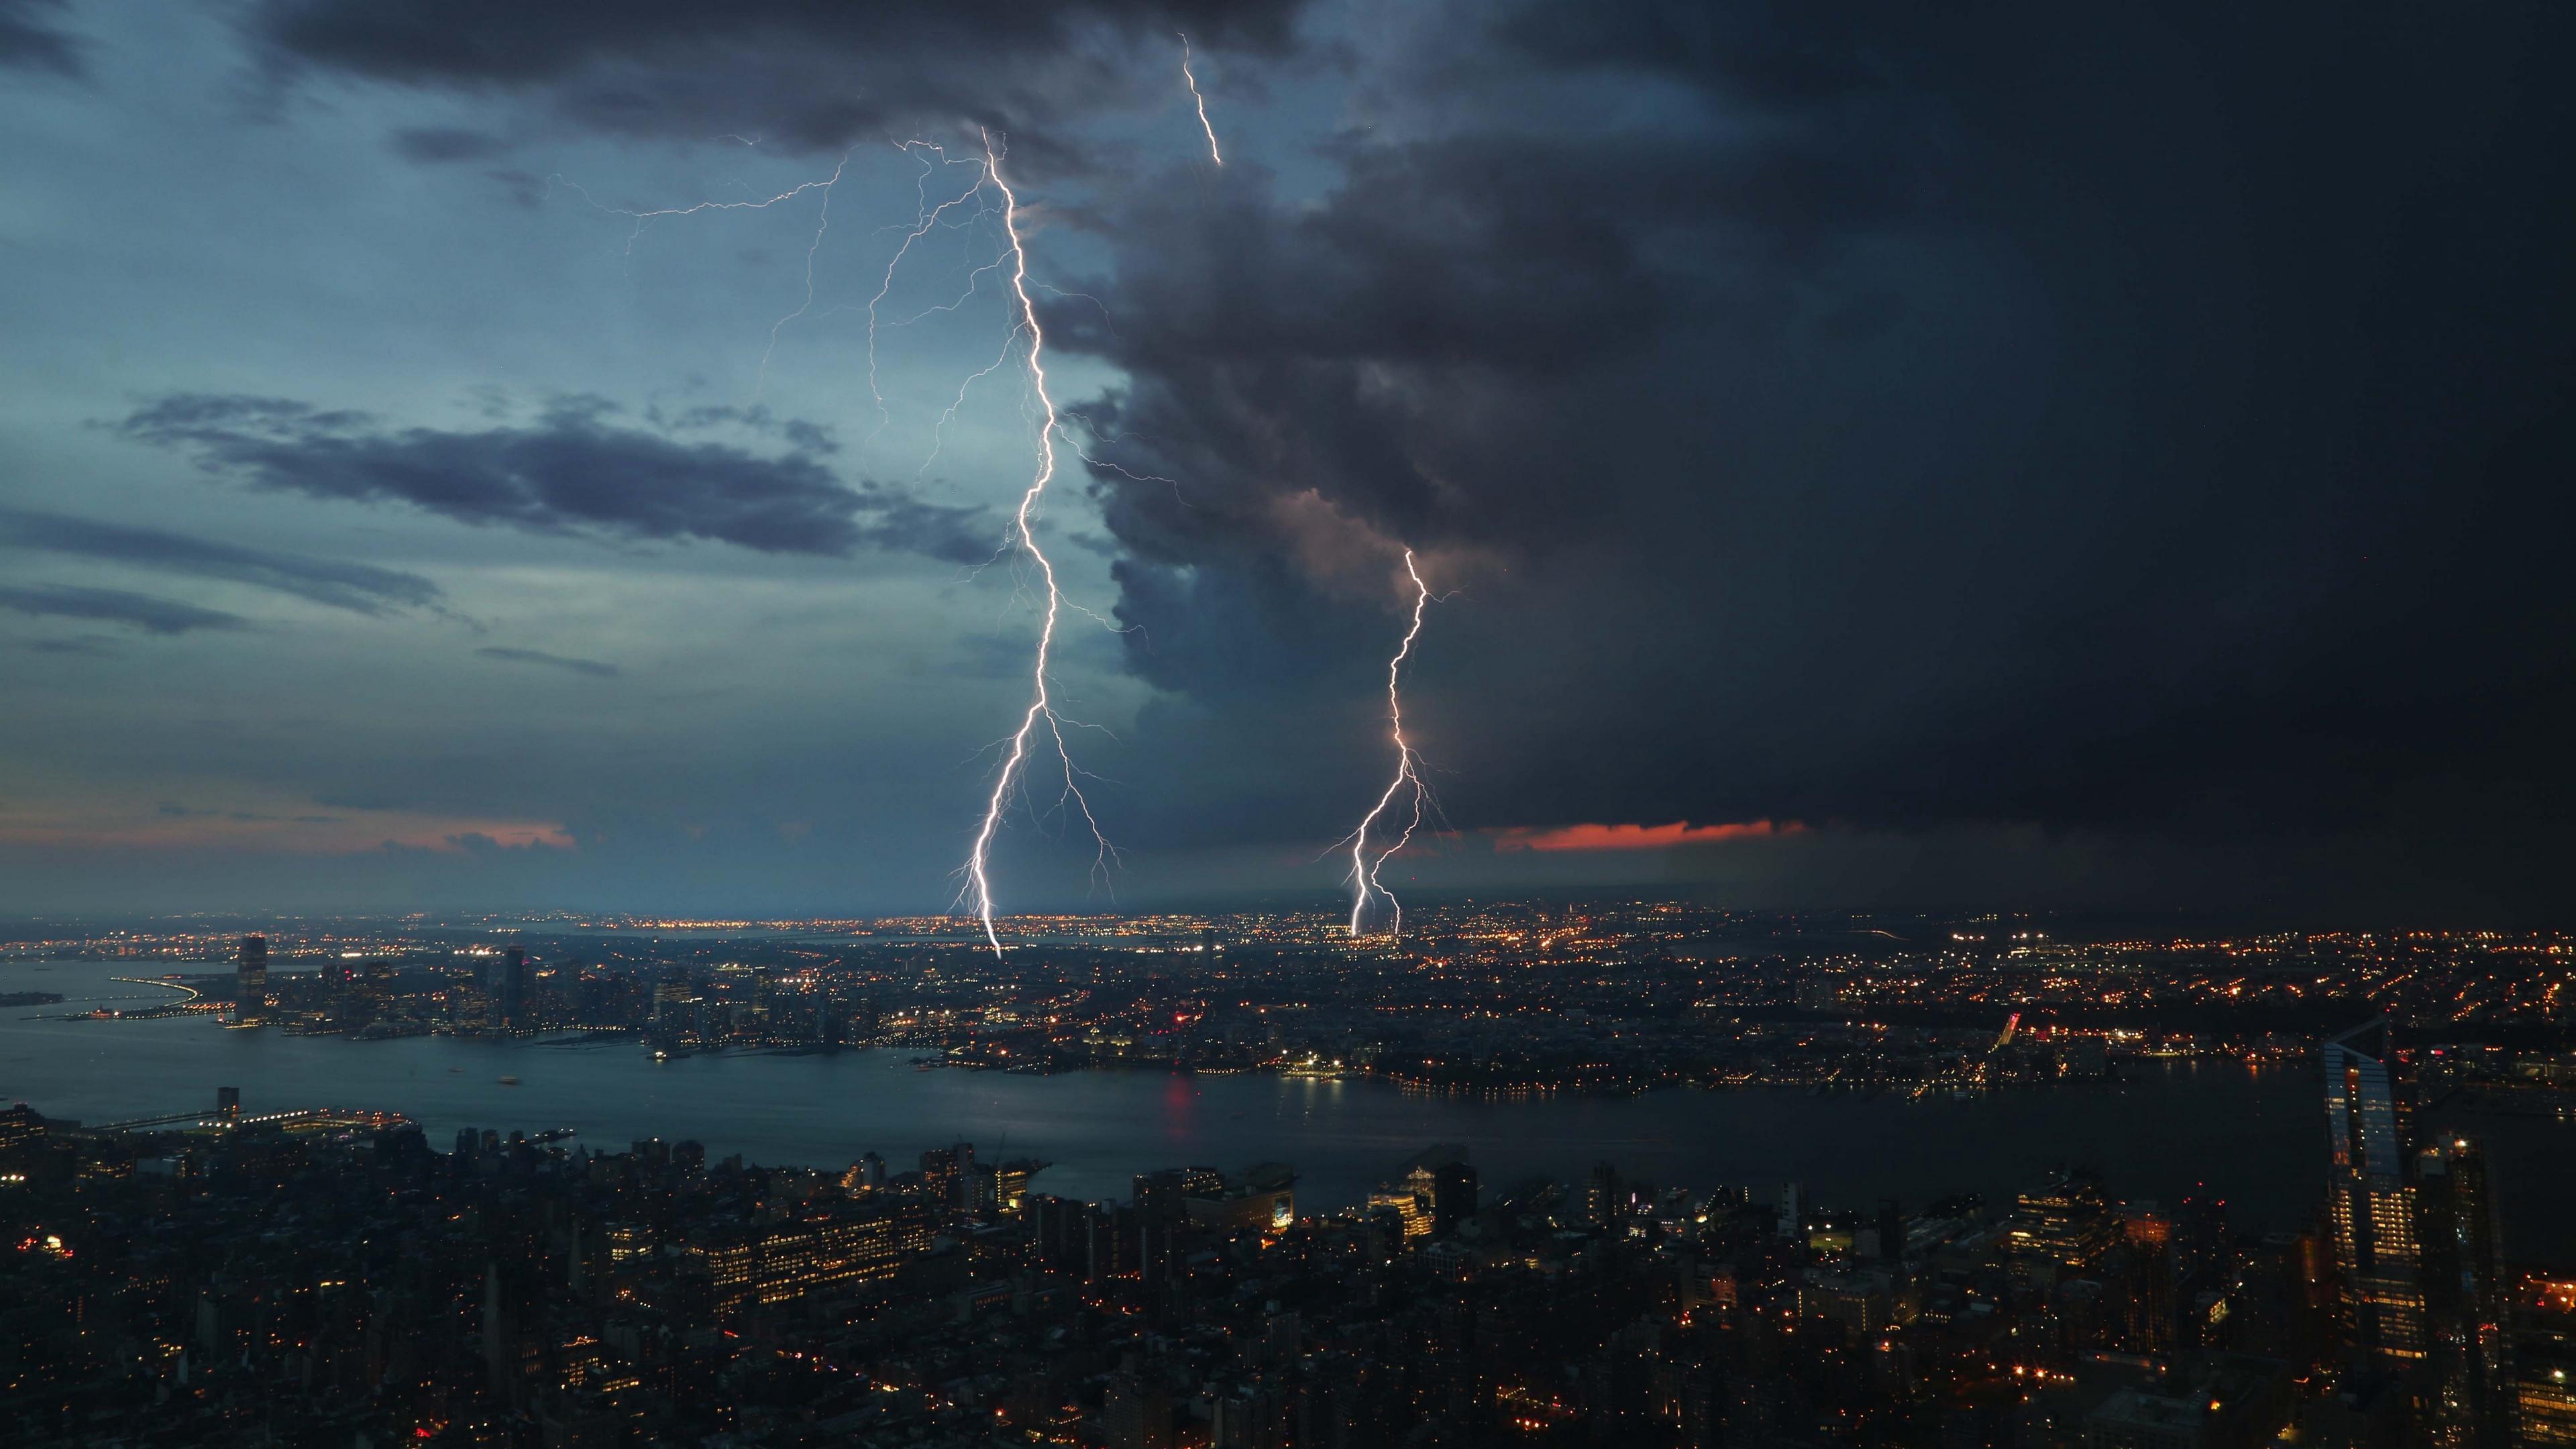 thunderstorm city sky overcast 4k 1538068870 - thunderstorm, city, sky, overcast 4k - thunderstorm, Sky, City